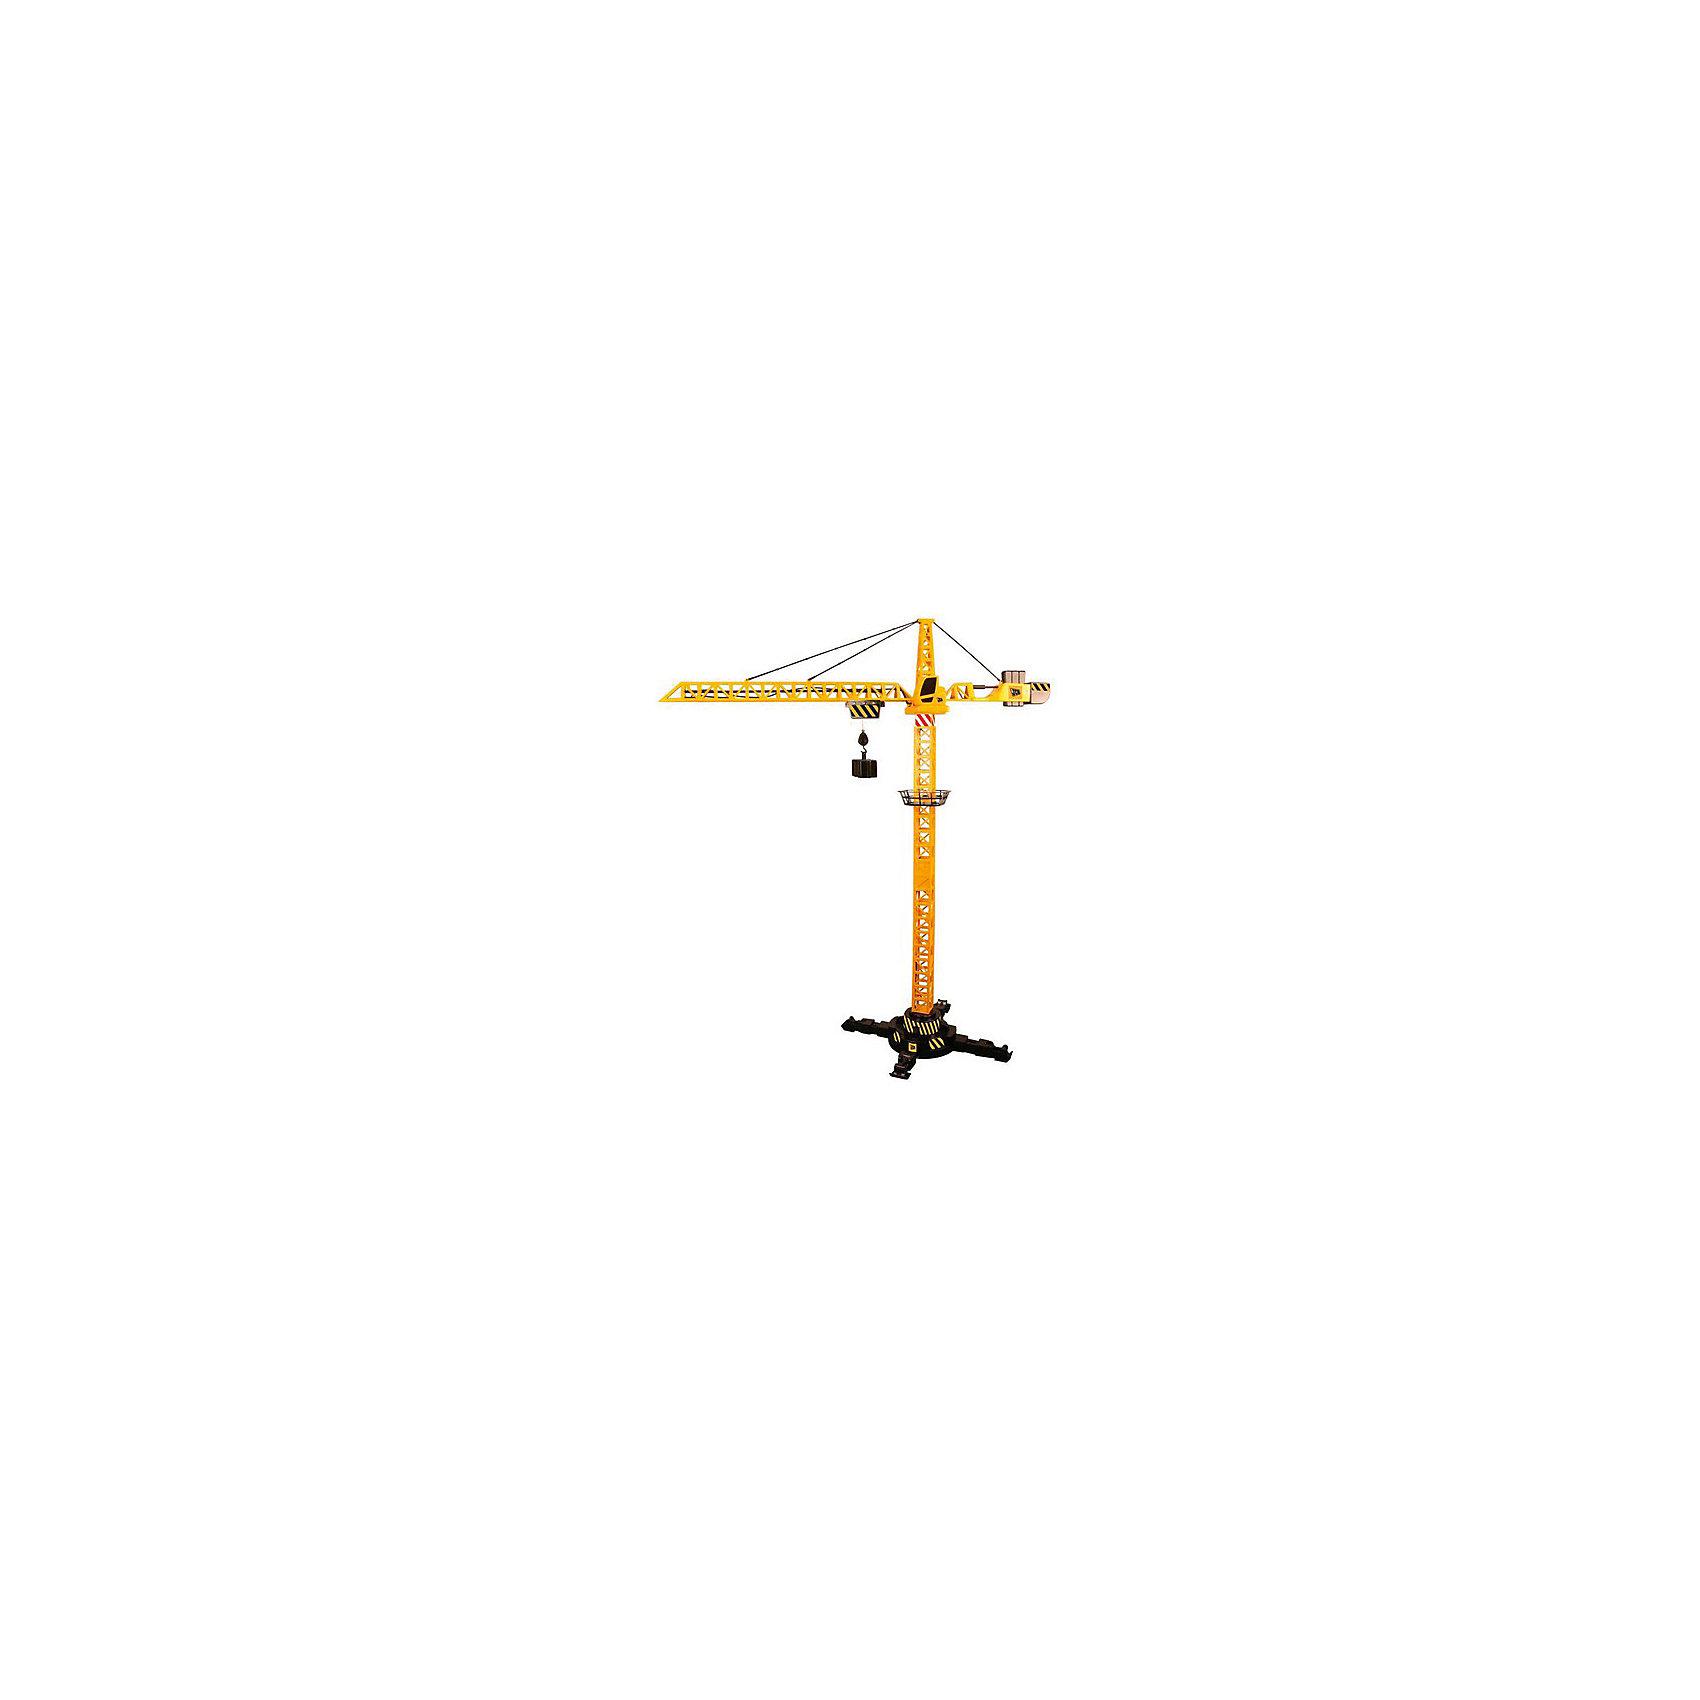 Радиоуправляемый кран, JCBИдеи подарков<br>Подъемный кран - незаменимая техника на любой стройке. С радиоуправляемым краном JCB стройплощадка маленького строителя станет еще более реалистичной. Игрушка представляет собой уменьшенную модель настоящей строительной техники от компании JCB, выполненную в высоком качестве и с большим вниманием к деталям. В кране есть все основные функции, которыми обладает реальная машина. С помощью пульта радиоуправления он способен переносить грузы с одного места на другое, поднимать и опускать их на нужную высоту. Кран поворачивается вокруг своей оси, стрела движется вправо/влево. В основании машины расположены опоры, которые обеспечивает ему устойчивость при перемещении грузов.<br>Кран легко и быстро собирается и разбирается - достаточно отцепить три крючка и стрела сложится. В комплект также входят съемные грузы для крана. Ваш ребенок в увлекательной форме познакомится с особенностями работы дорожно-строительной техники и откроет для себя множество новых профессий.<br><br>Дополнительная информация:<br><br>- В комплекте: кран, пульт управления, ведро для груза, поддон, груз в виде блока.<br>- Материал: высококачественный пластик.<br>- Требуются батарейки: 3 х 1,5V AA (в комплект не входят).<br>- Высота крана: 120 см.<br>- Размер упаковки: 77 х 47 х 13 см.<br>- Вес: 1,697 кг.<br><br>Радиоуправляемый кран, JCB, можно купить в нашем интернет-магазине.<br><br>Ширина мм: 470<br>Глубина мм: 130<br>Высота мм: 590<br>Вес г: 1697<br>Возраст от месяцев: 36<br>Возраст до месяцев: 96<br>Пол: Мужской<br>Возраст: Детский<br>SKU: 4244450